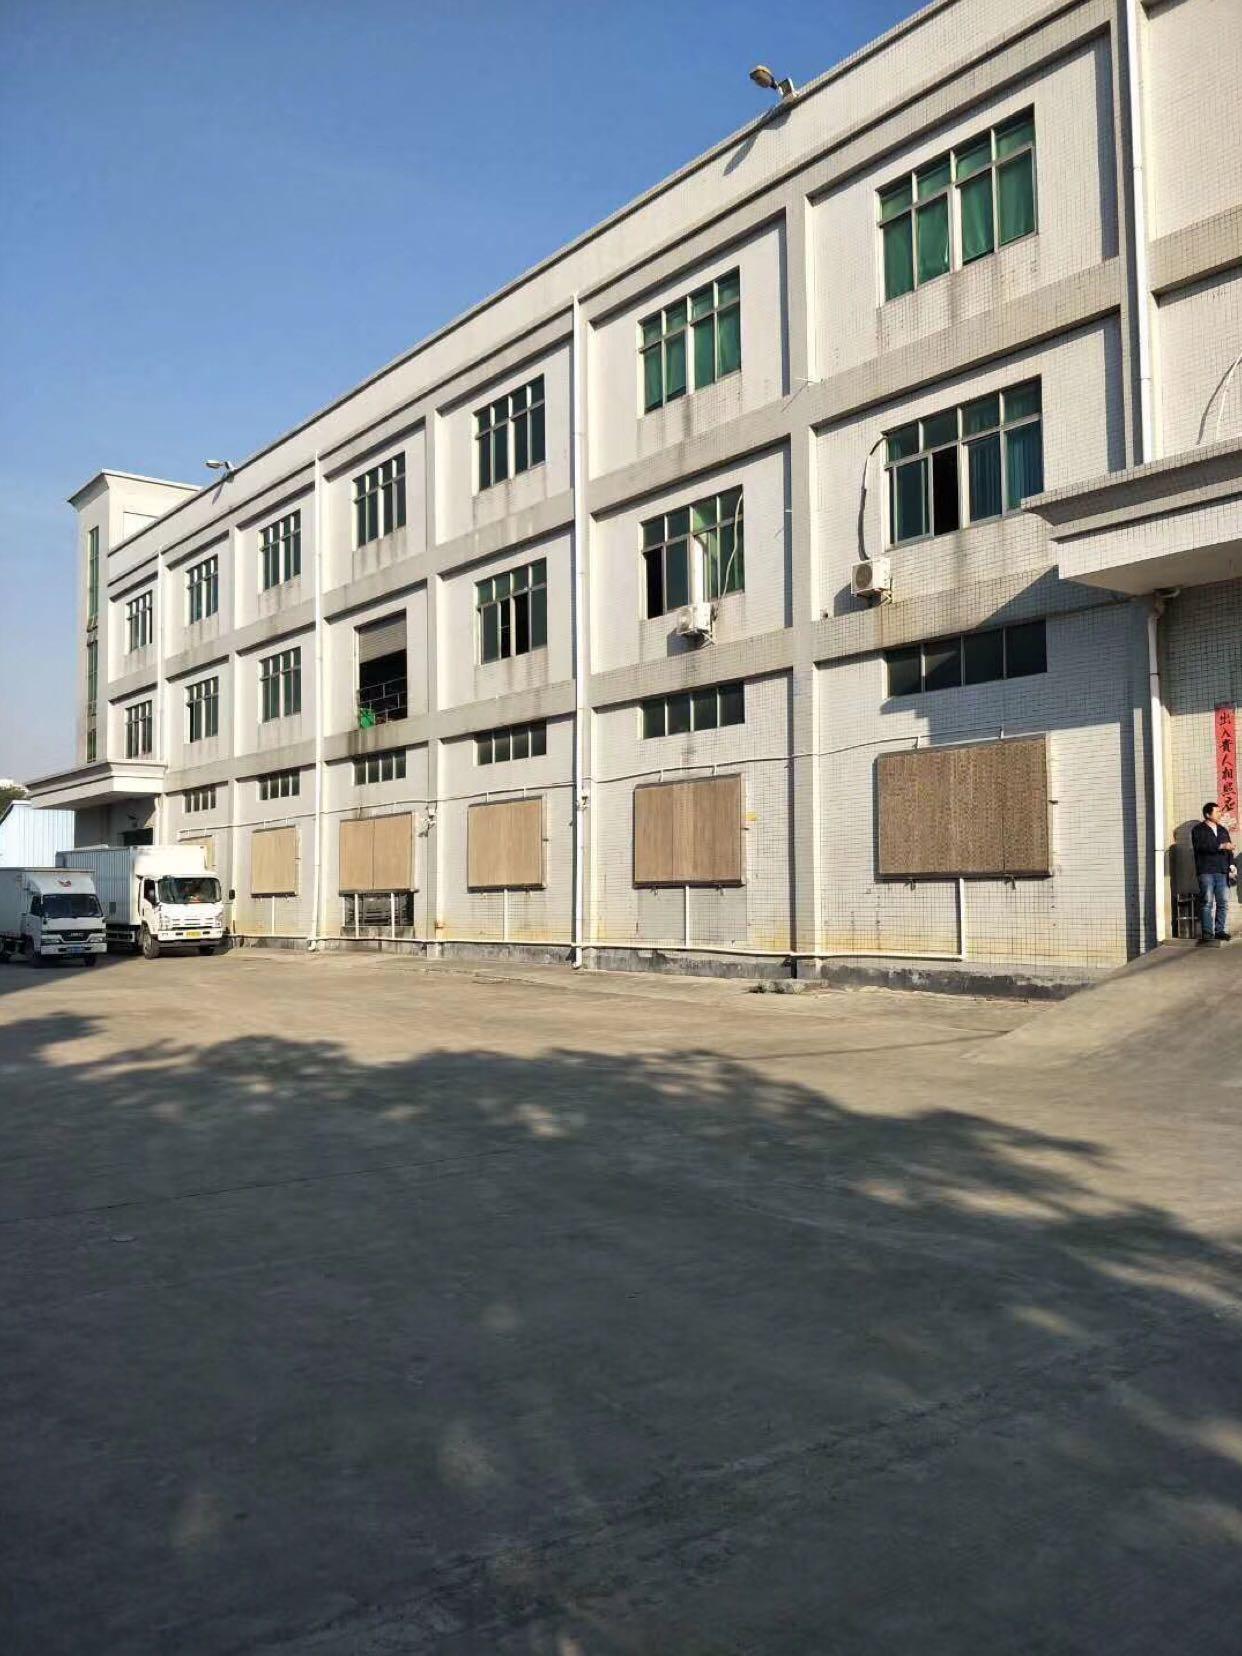 松岗罗田象山大道即将新出楼上厂房800平方米